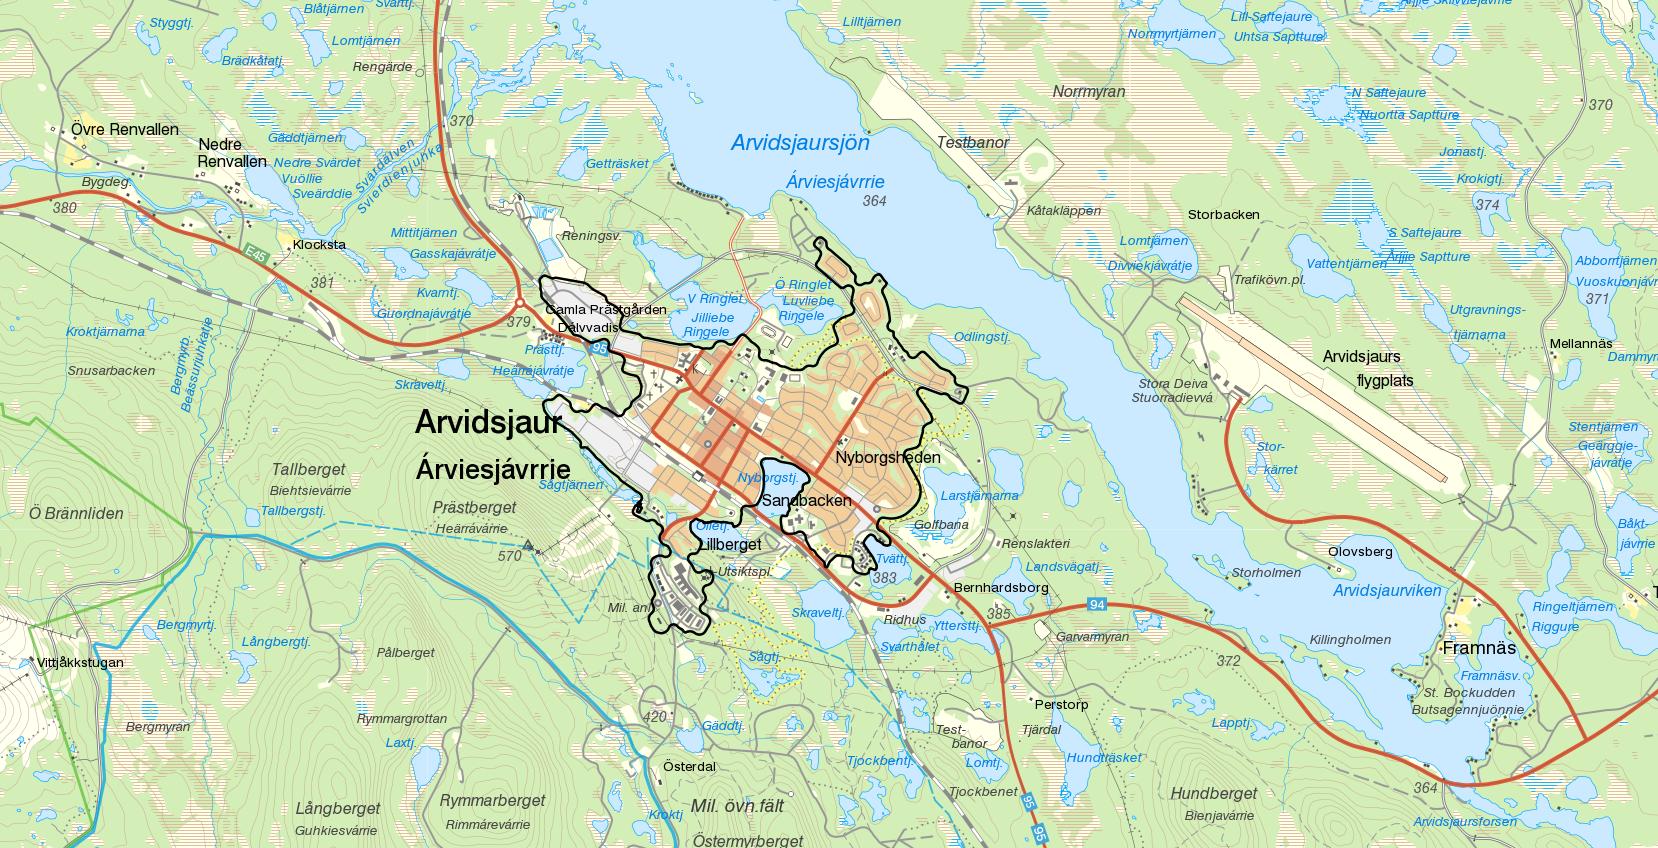 Arvidsjaur Kommun Region Map: Abborrtrask Vuotner